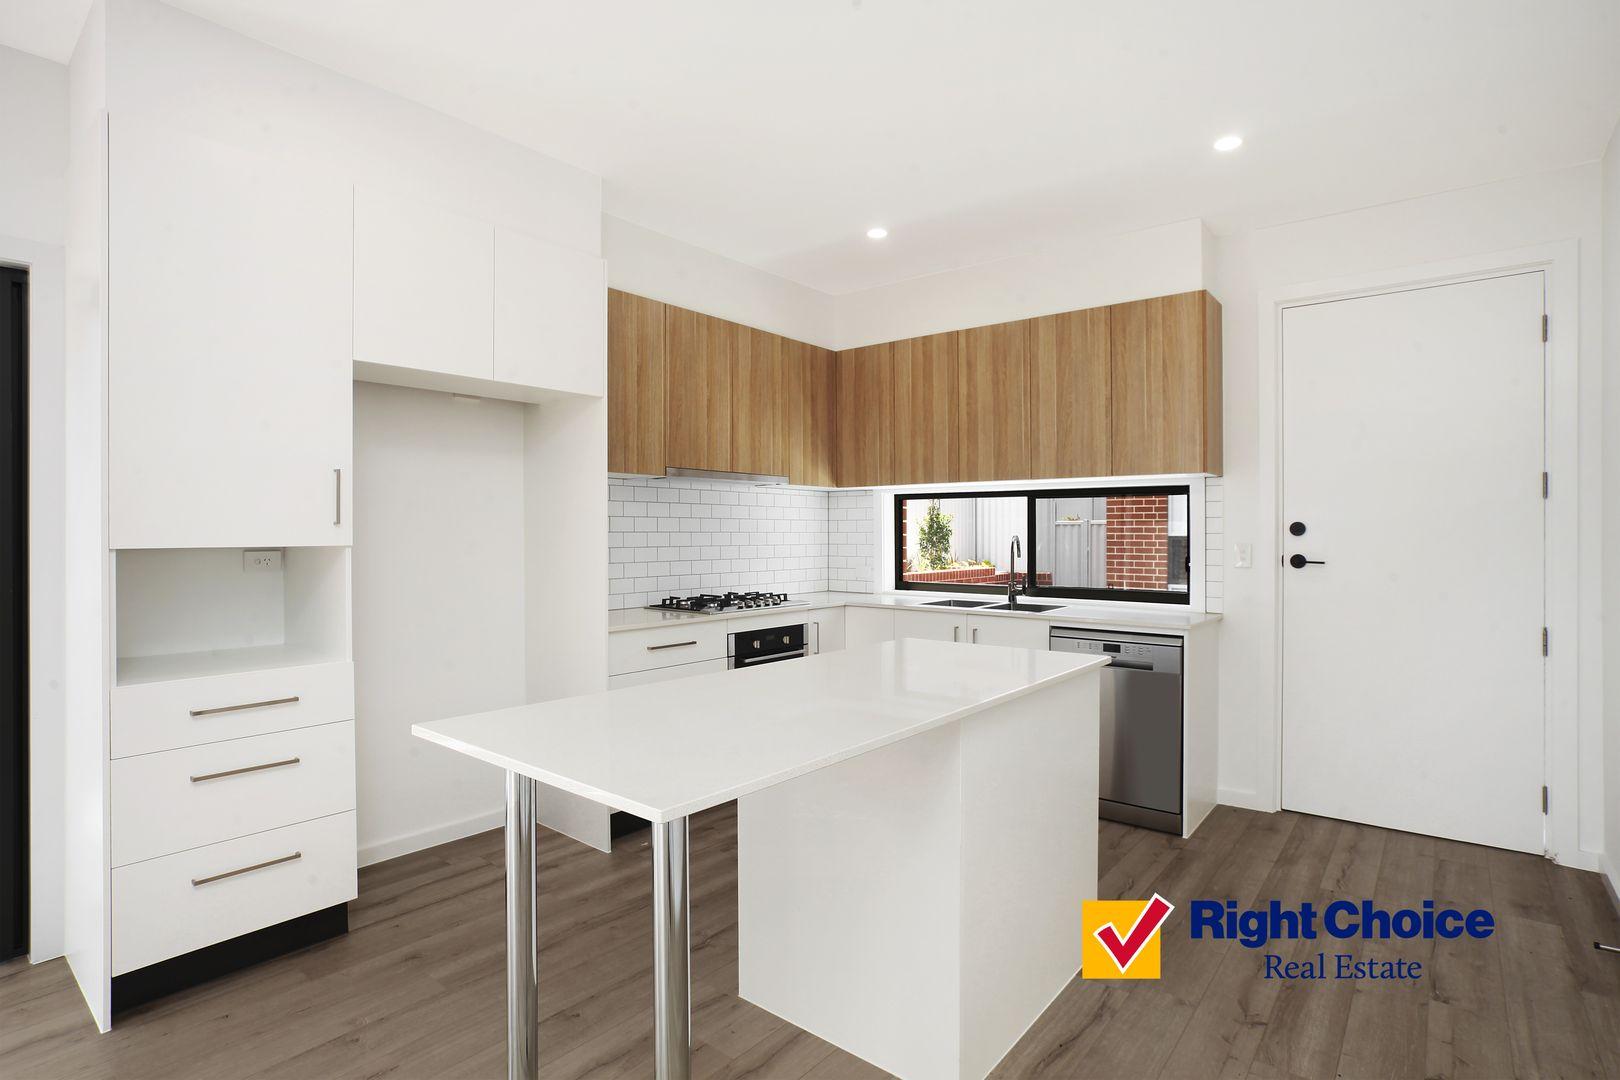 8/44-46 Kingston Street, Oak Flats NSW 2529, Image 2